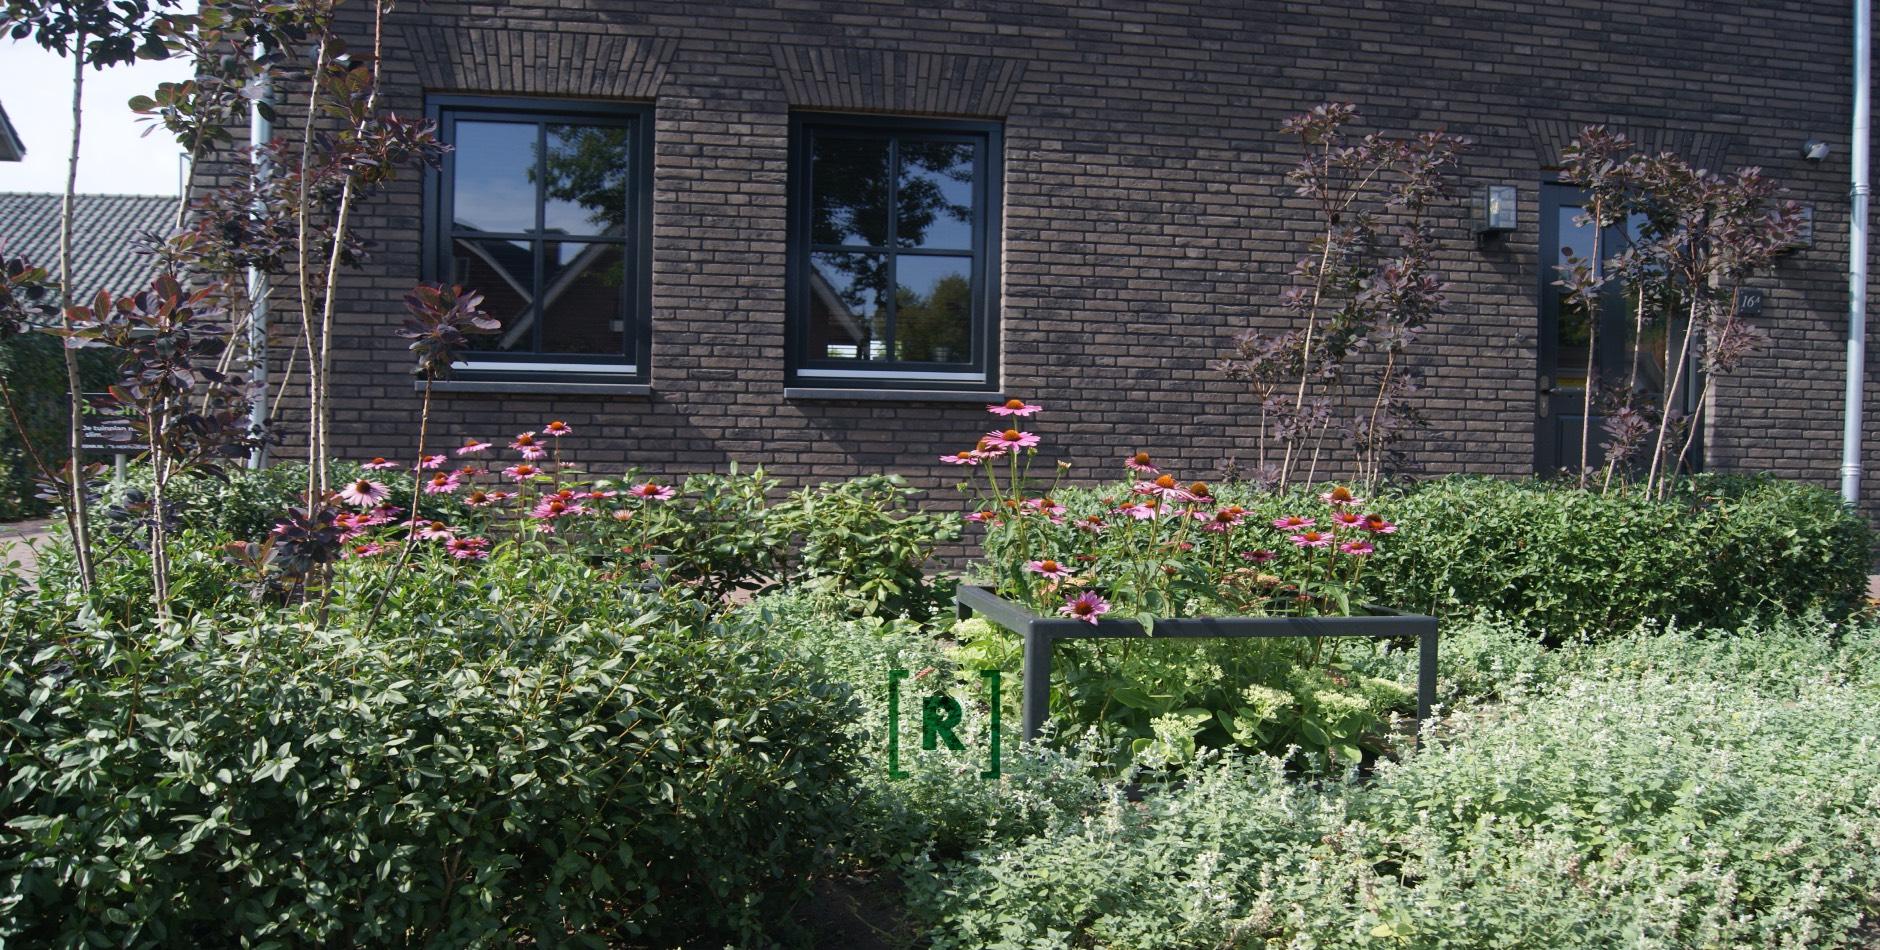 Groenr_Tuinontwerper_tuinarchitect_den Bosch-voortuin_Heeswijk Dinther_roze_bloemen_plantframes_wilg_halfverharding_knipvormen_organische hagen_Oisterwijk_Vught_Den Bosch_Uden_Veghel_Gemert_Tilburg